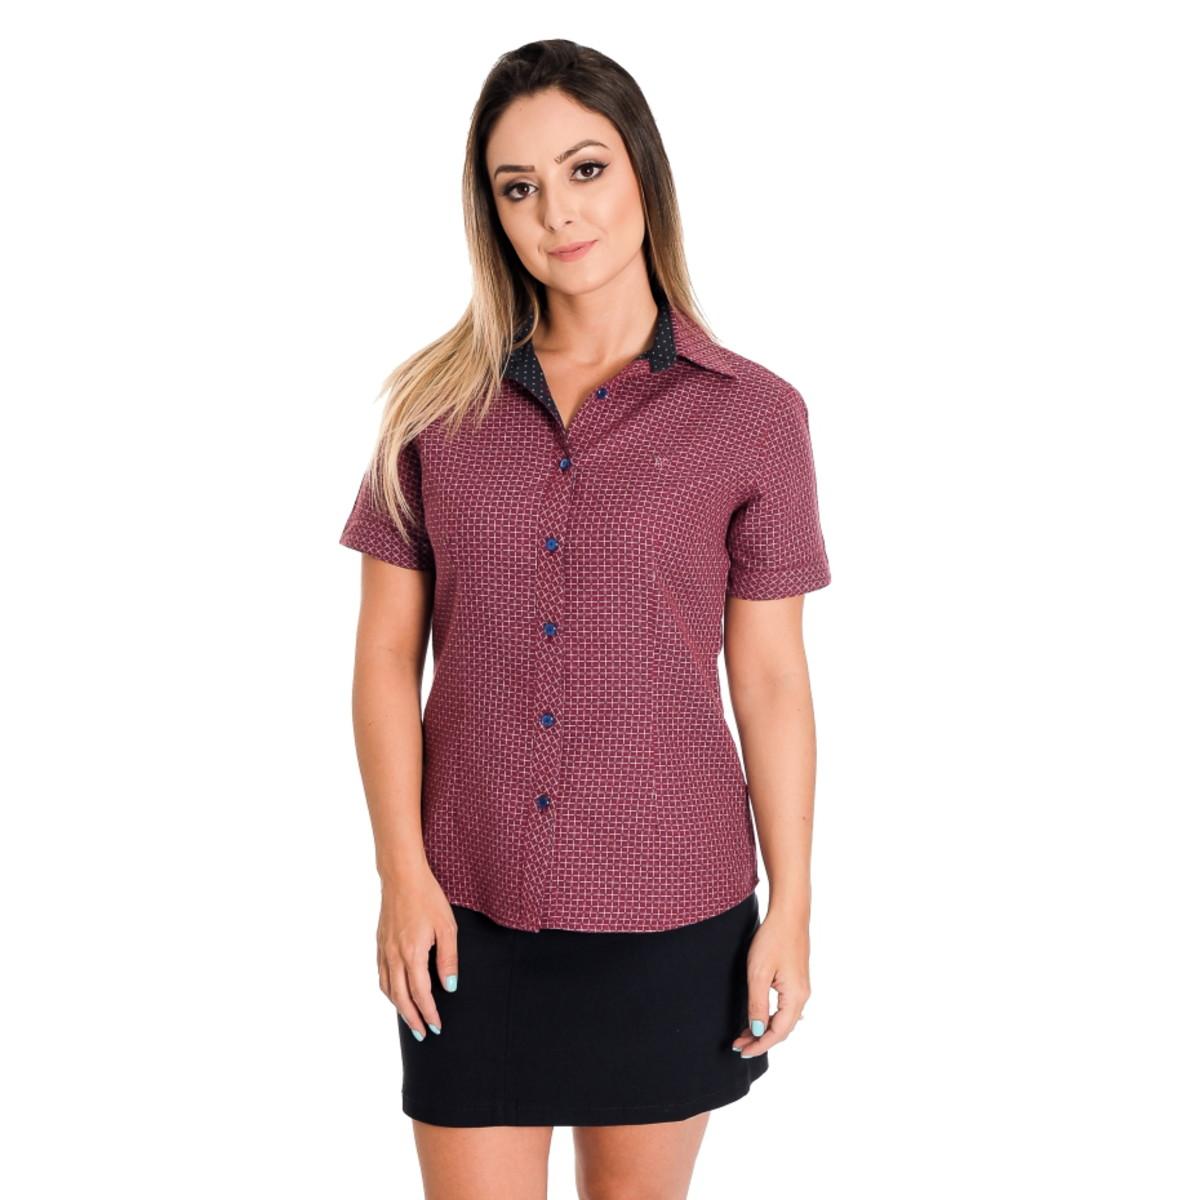 9d4858f5fb Camisa Feminina Jennifer - Pimenta Rosada FIO EGÍPCIO no Elo7 ...